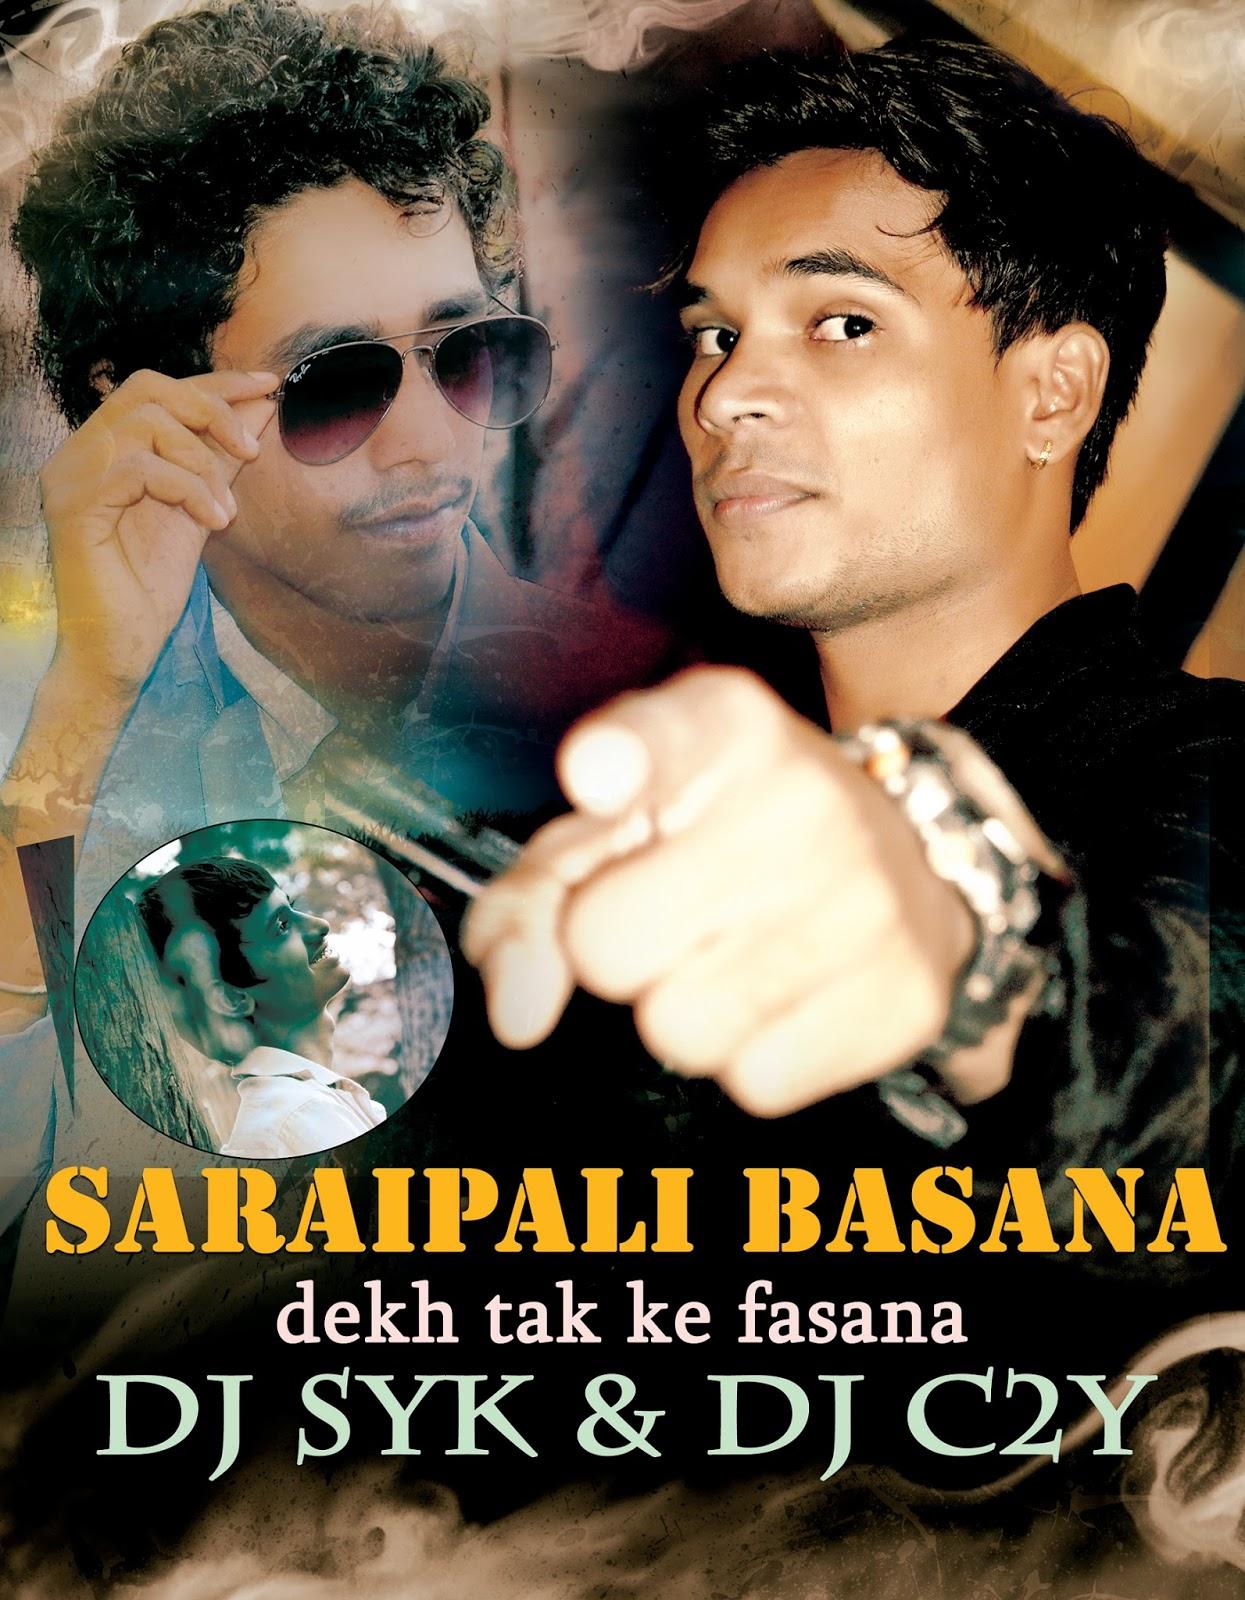 Saraipali Basana Dekh Tak Ke Fasana Exclusive Remix DJ SYK